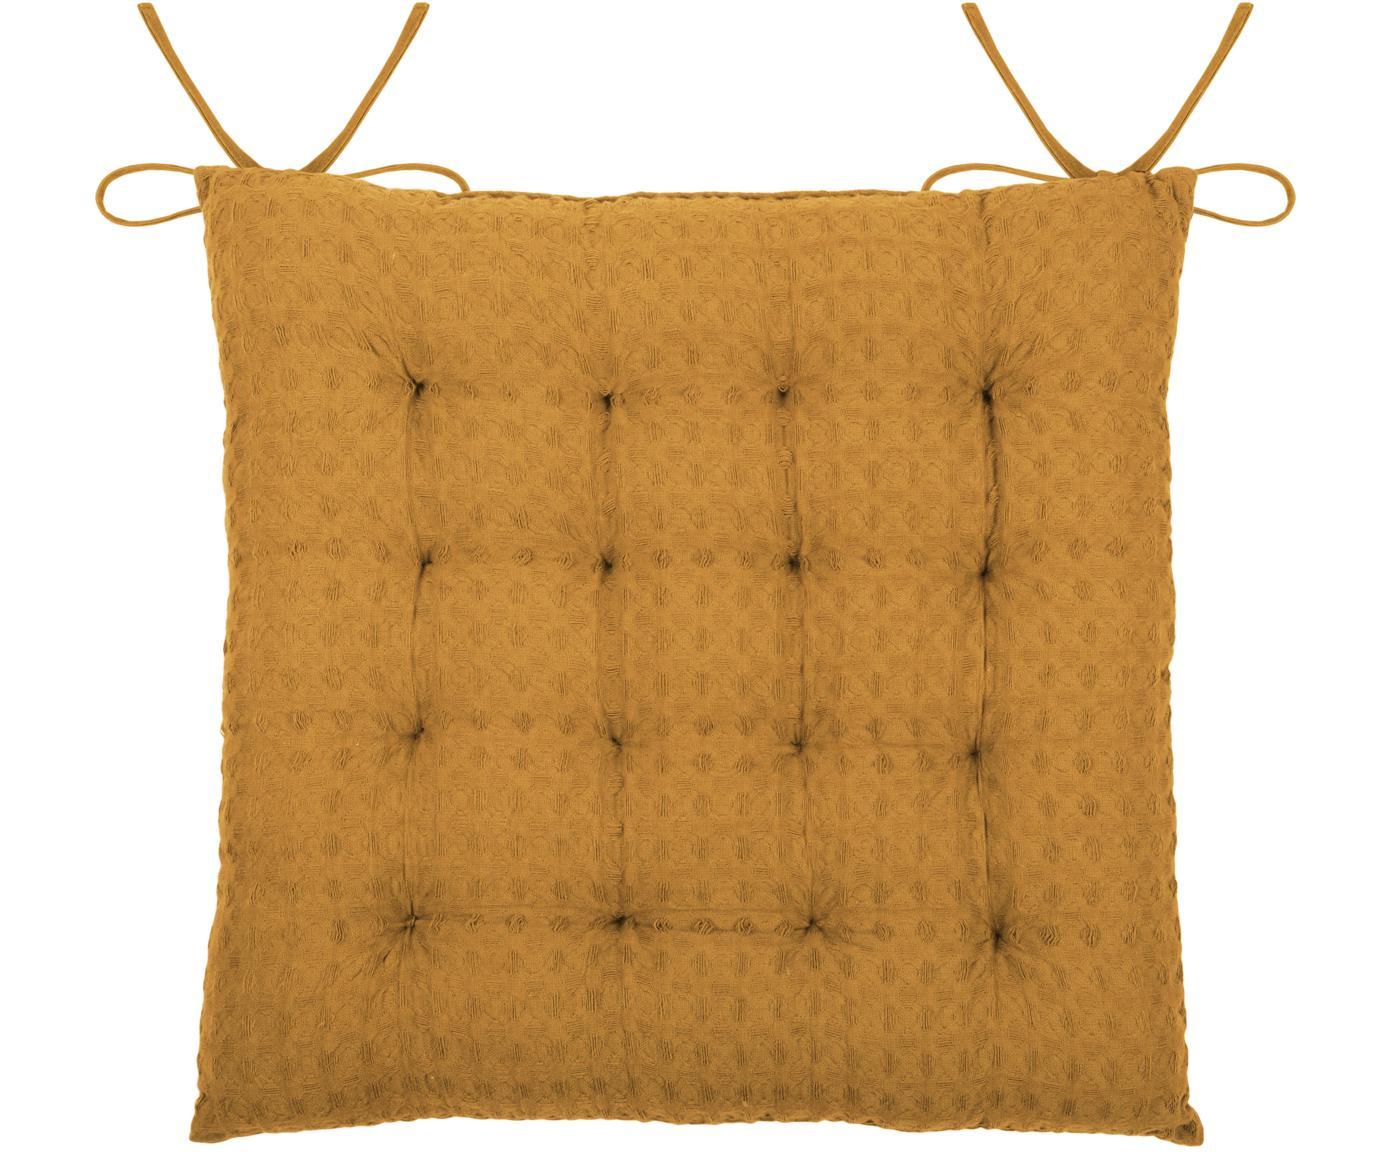 Cuscino sedia a nido d'ape Gopher, Rivestimento: cotone, Giallo senape, Larg. 40 x Lung. 40 cm